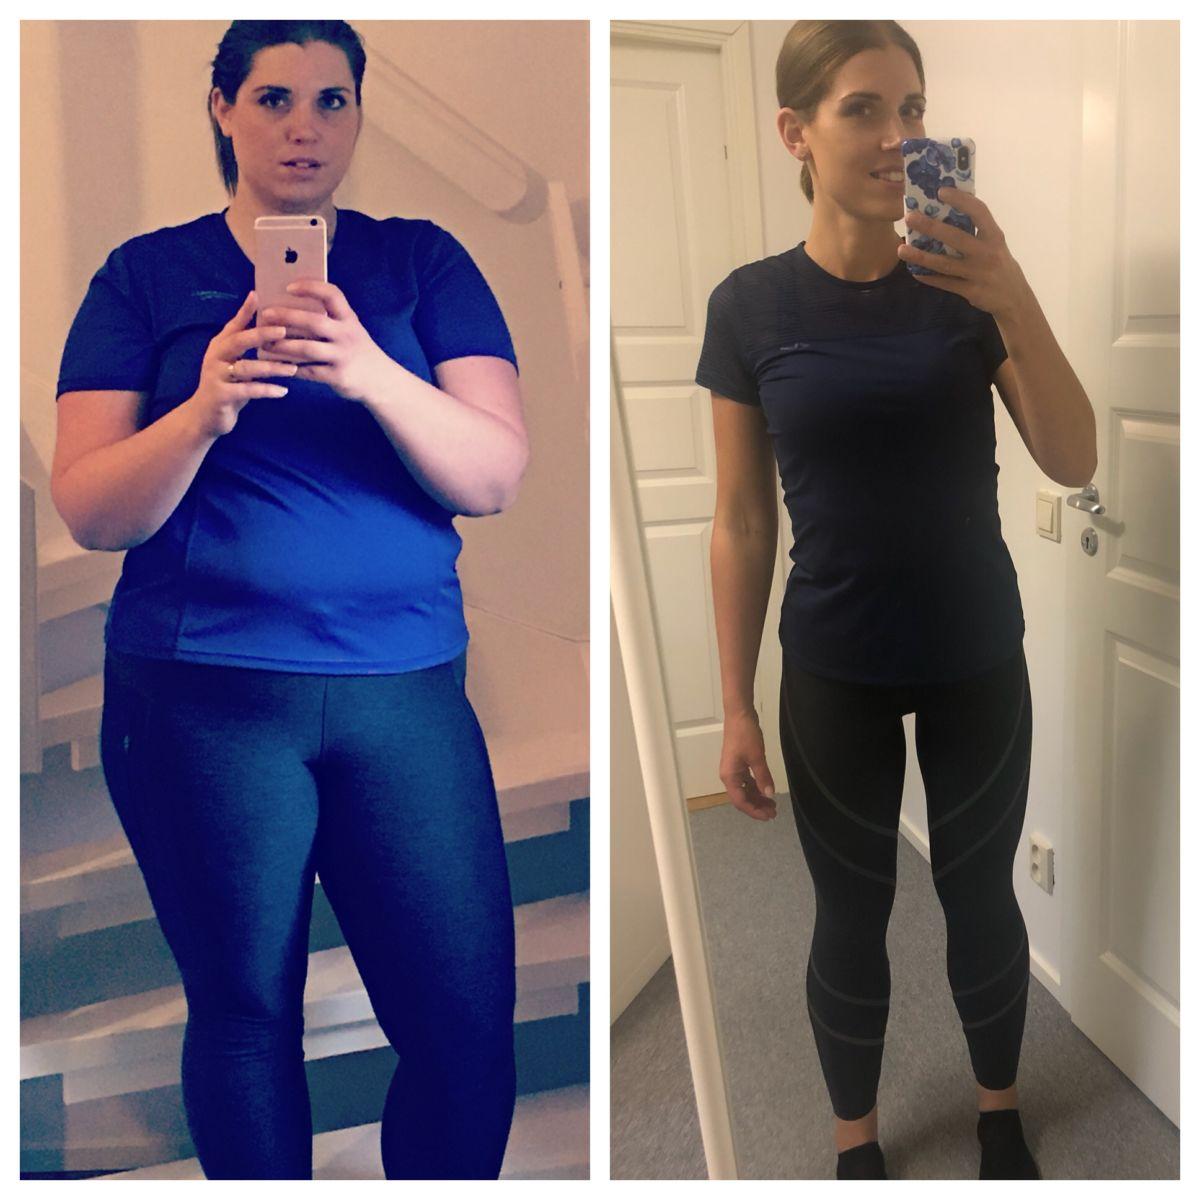 Melle i träningskläder, jämförelse från år 2016 när viktresan startade och nu år 2018 efter viktnedgången